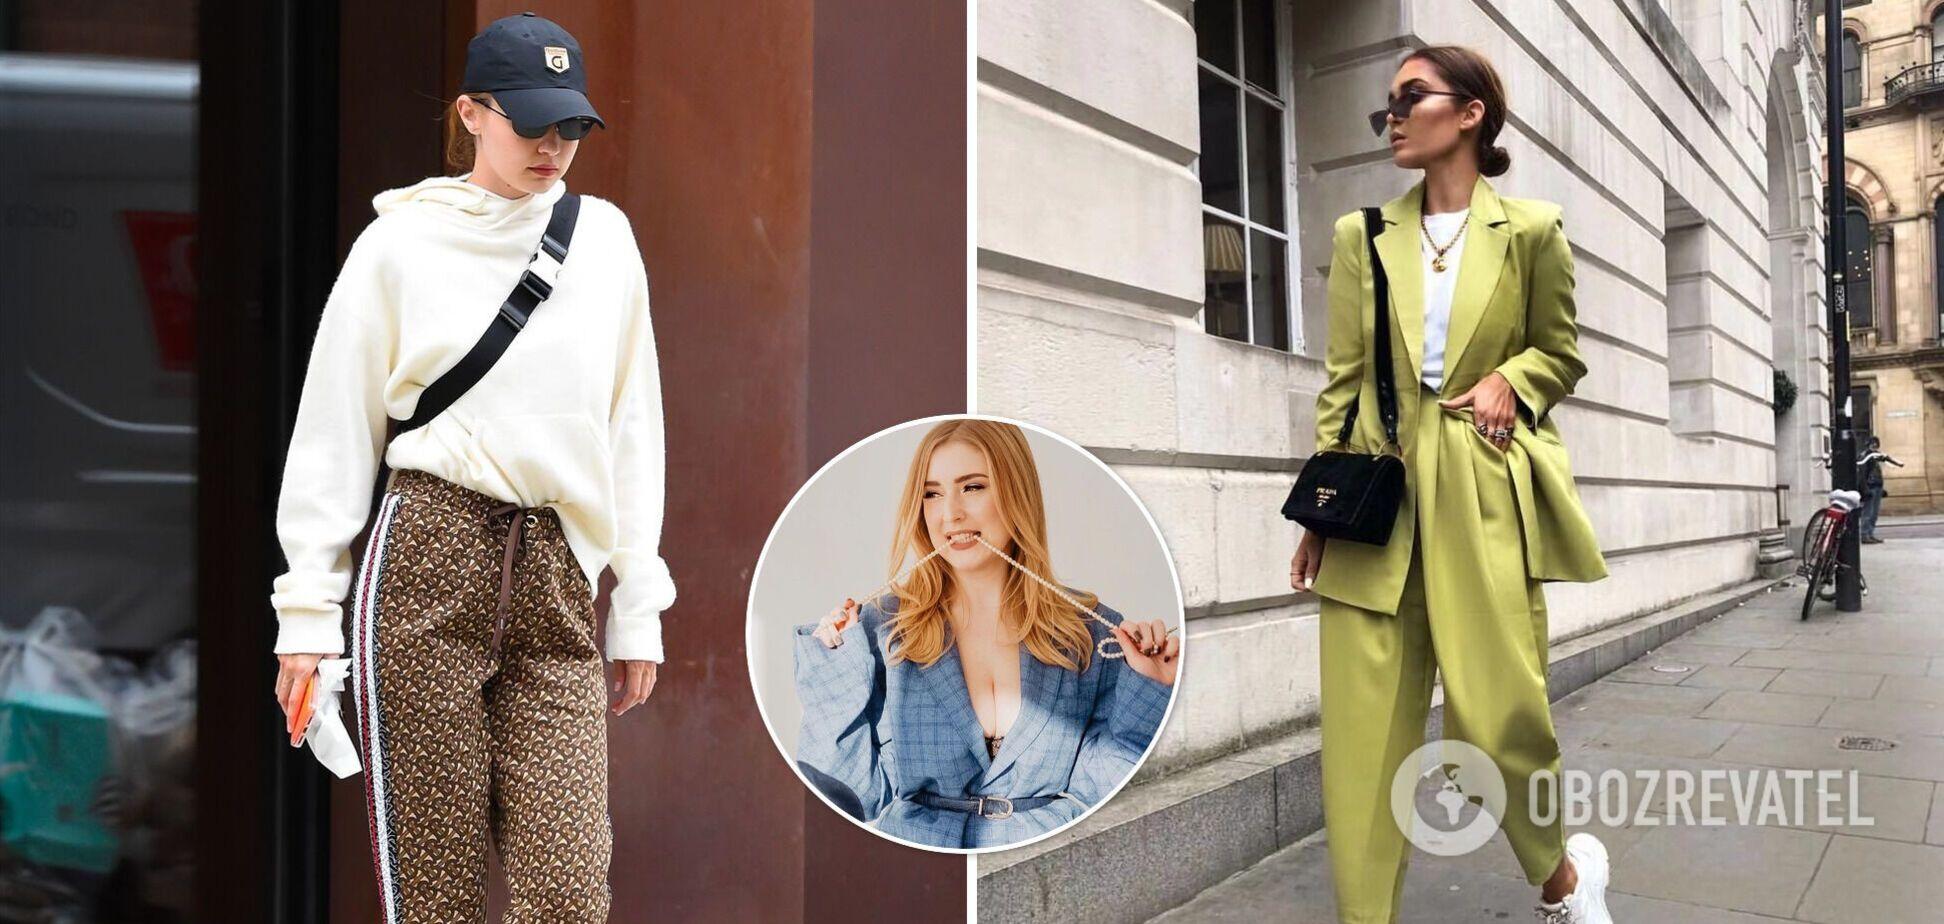 Стилист рассказала, как нельзя носить классические вещи в 2021. Эксклюзив